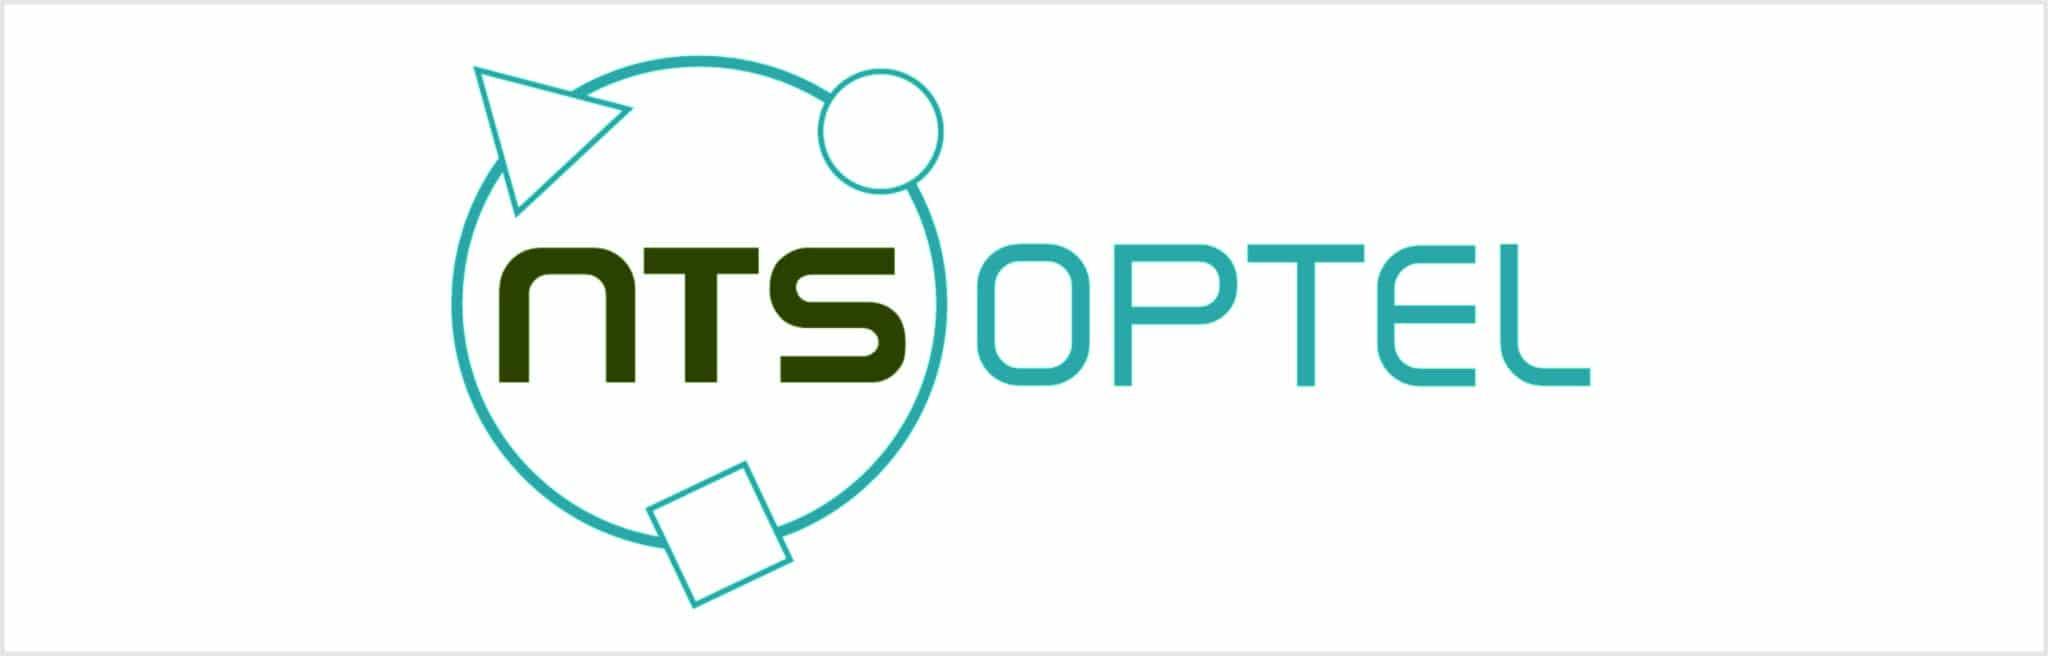 NTS Optel web